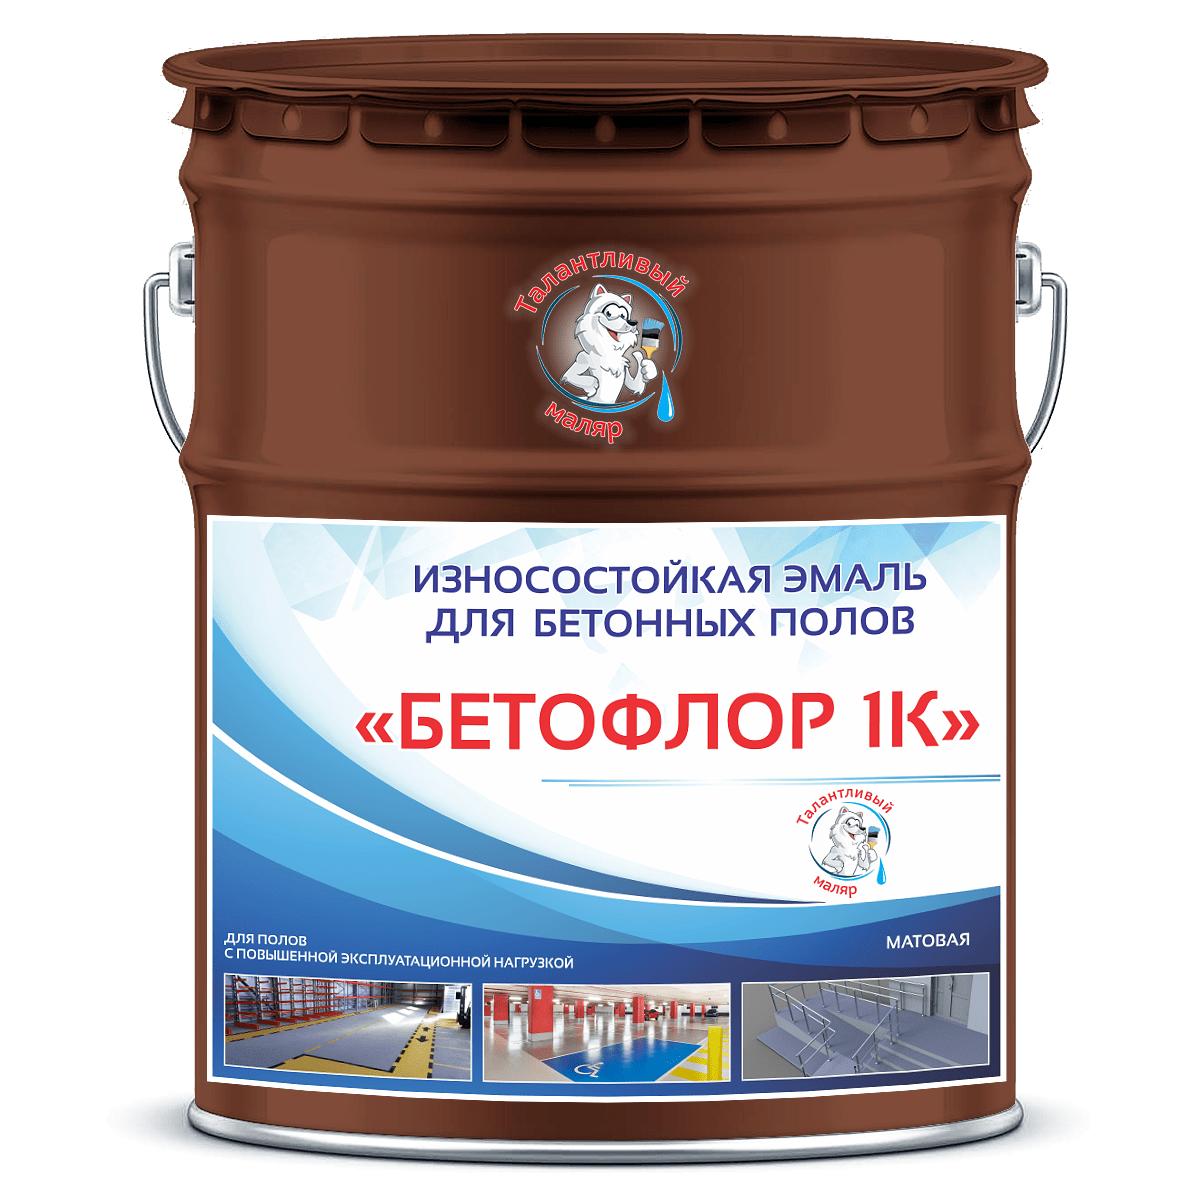 """Фото 9 - BF8012 Эмаль для бетонных полов """"Бетофлор"""" 1К цвет RAL 8012 Красно-коричневый, матовая износостойкая, 25 кг """"Талантливый Маляр""""."""